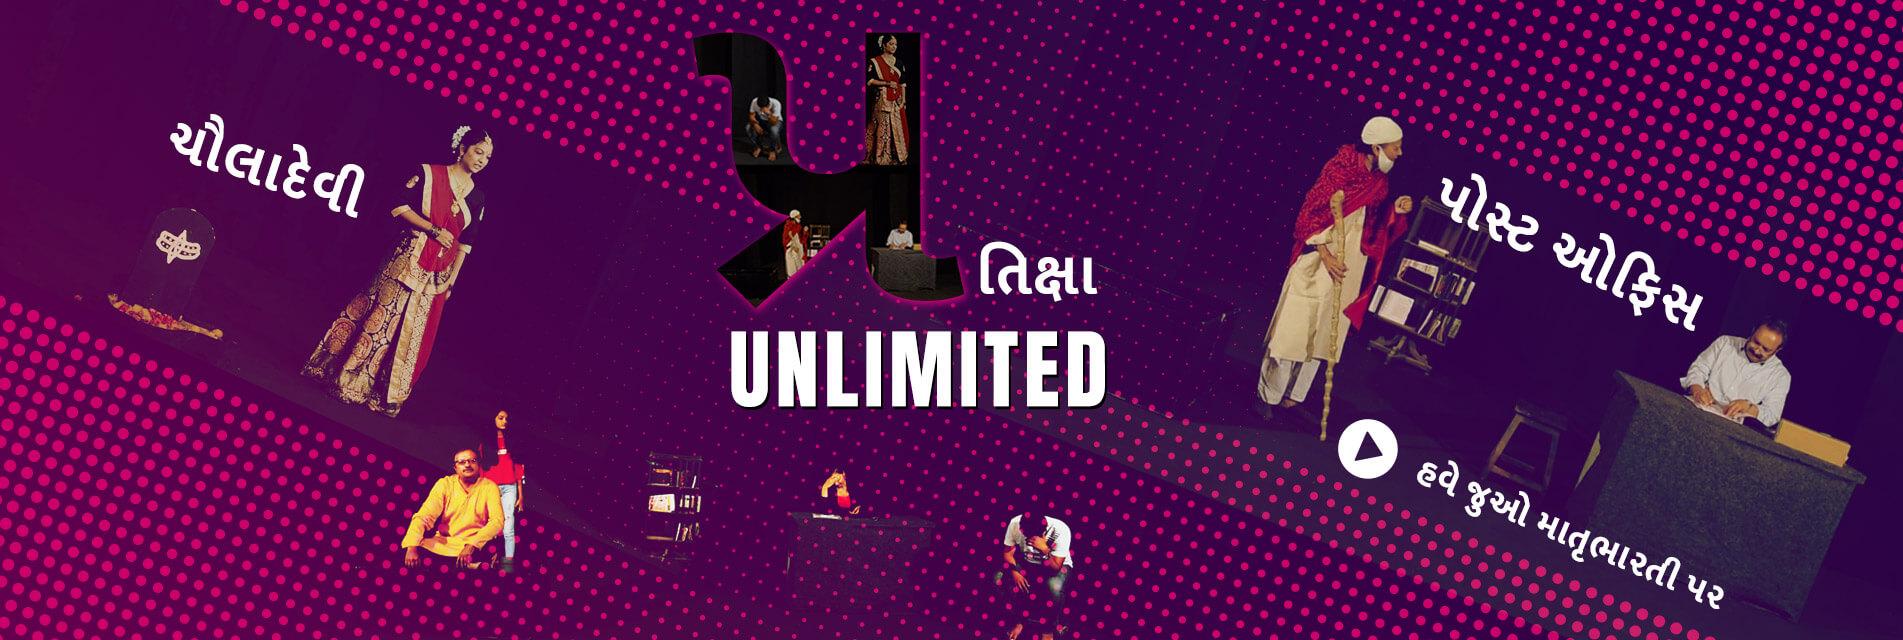 પ્રતીક્ષા Unlimited